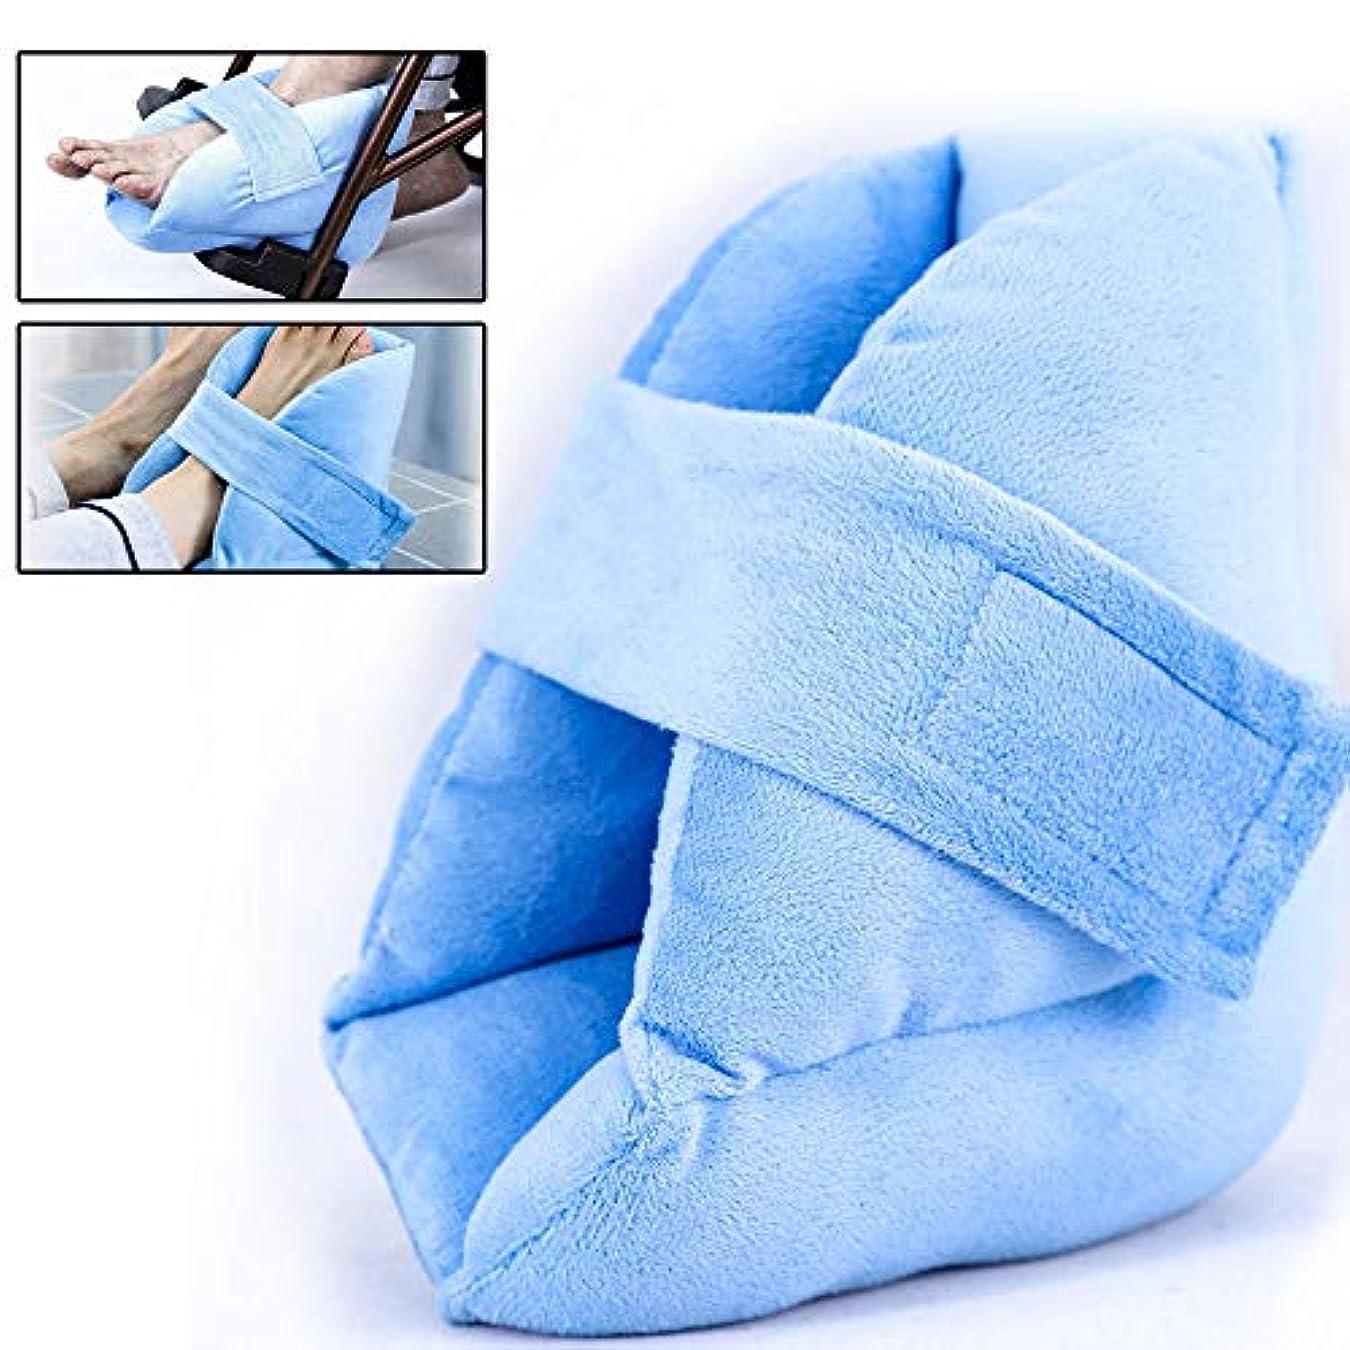 聖なる遺産オフセット通気性スポンジ充填ヒールクッションプロテクター - 足首プロテクター枕 褥瘡とかかとの潰瘍の軽減のため,1Pcs